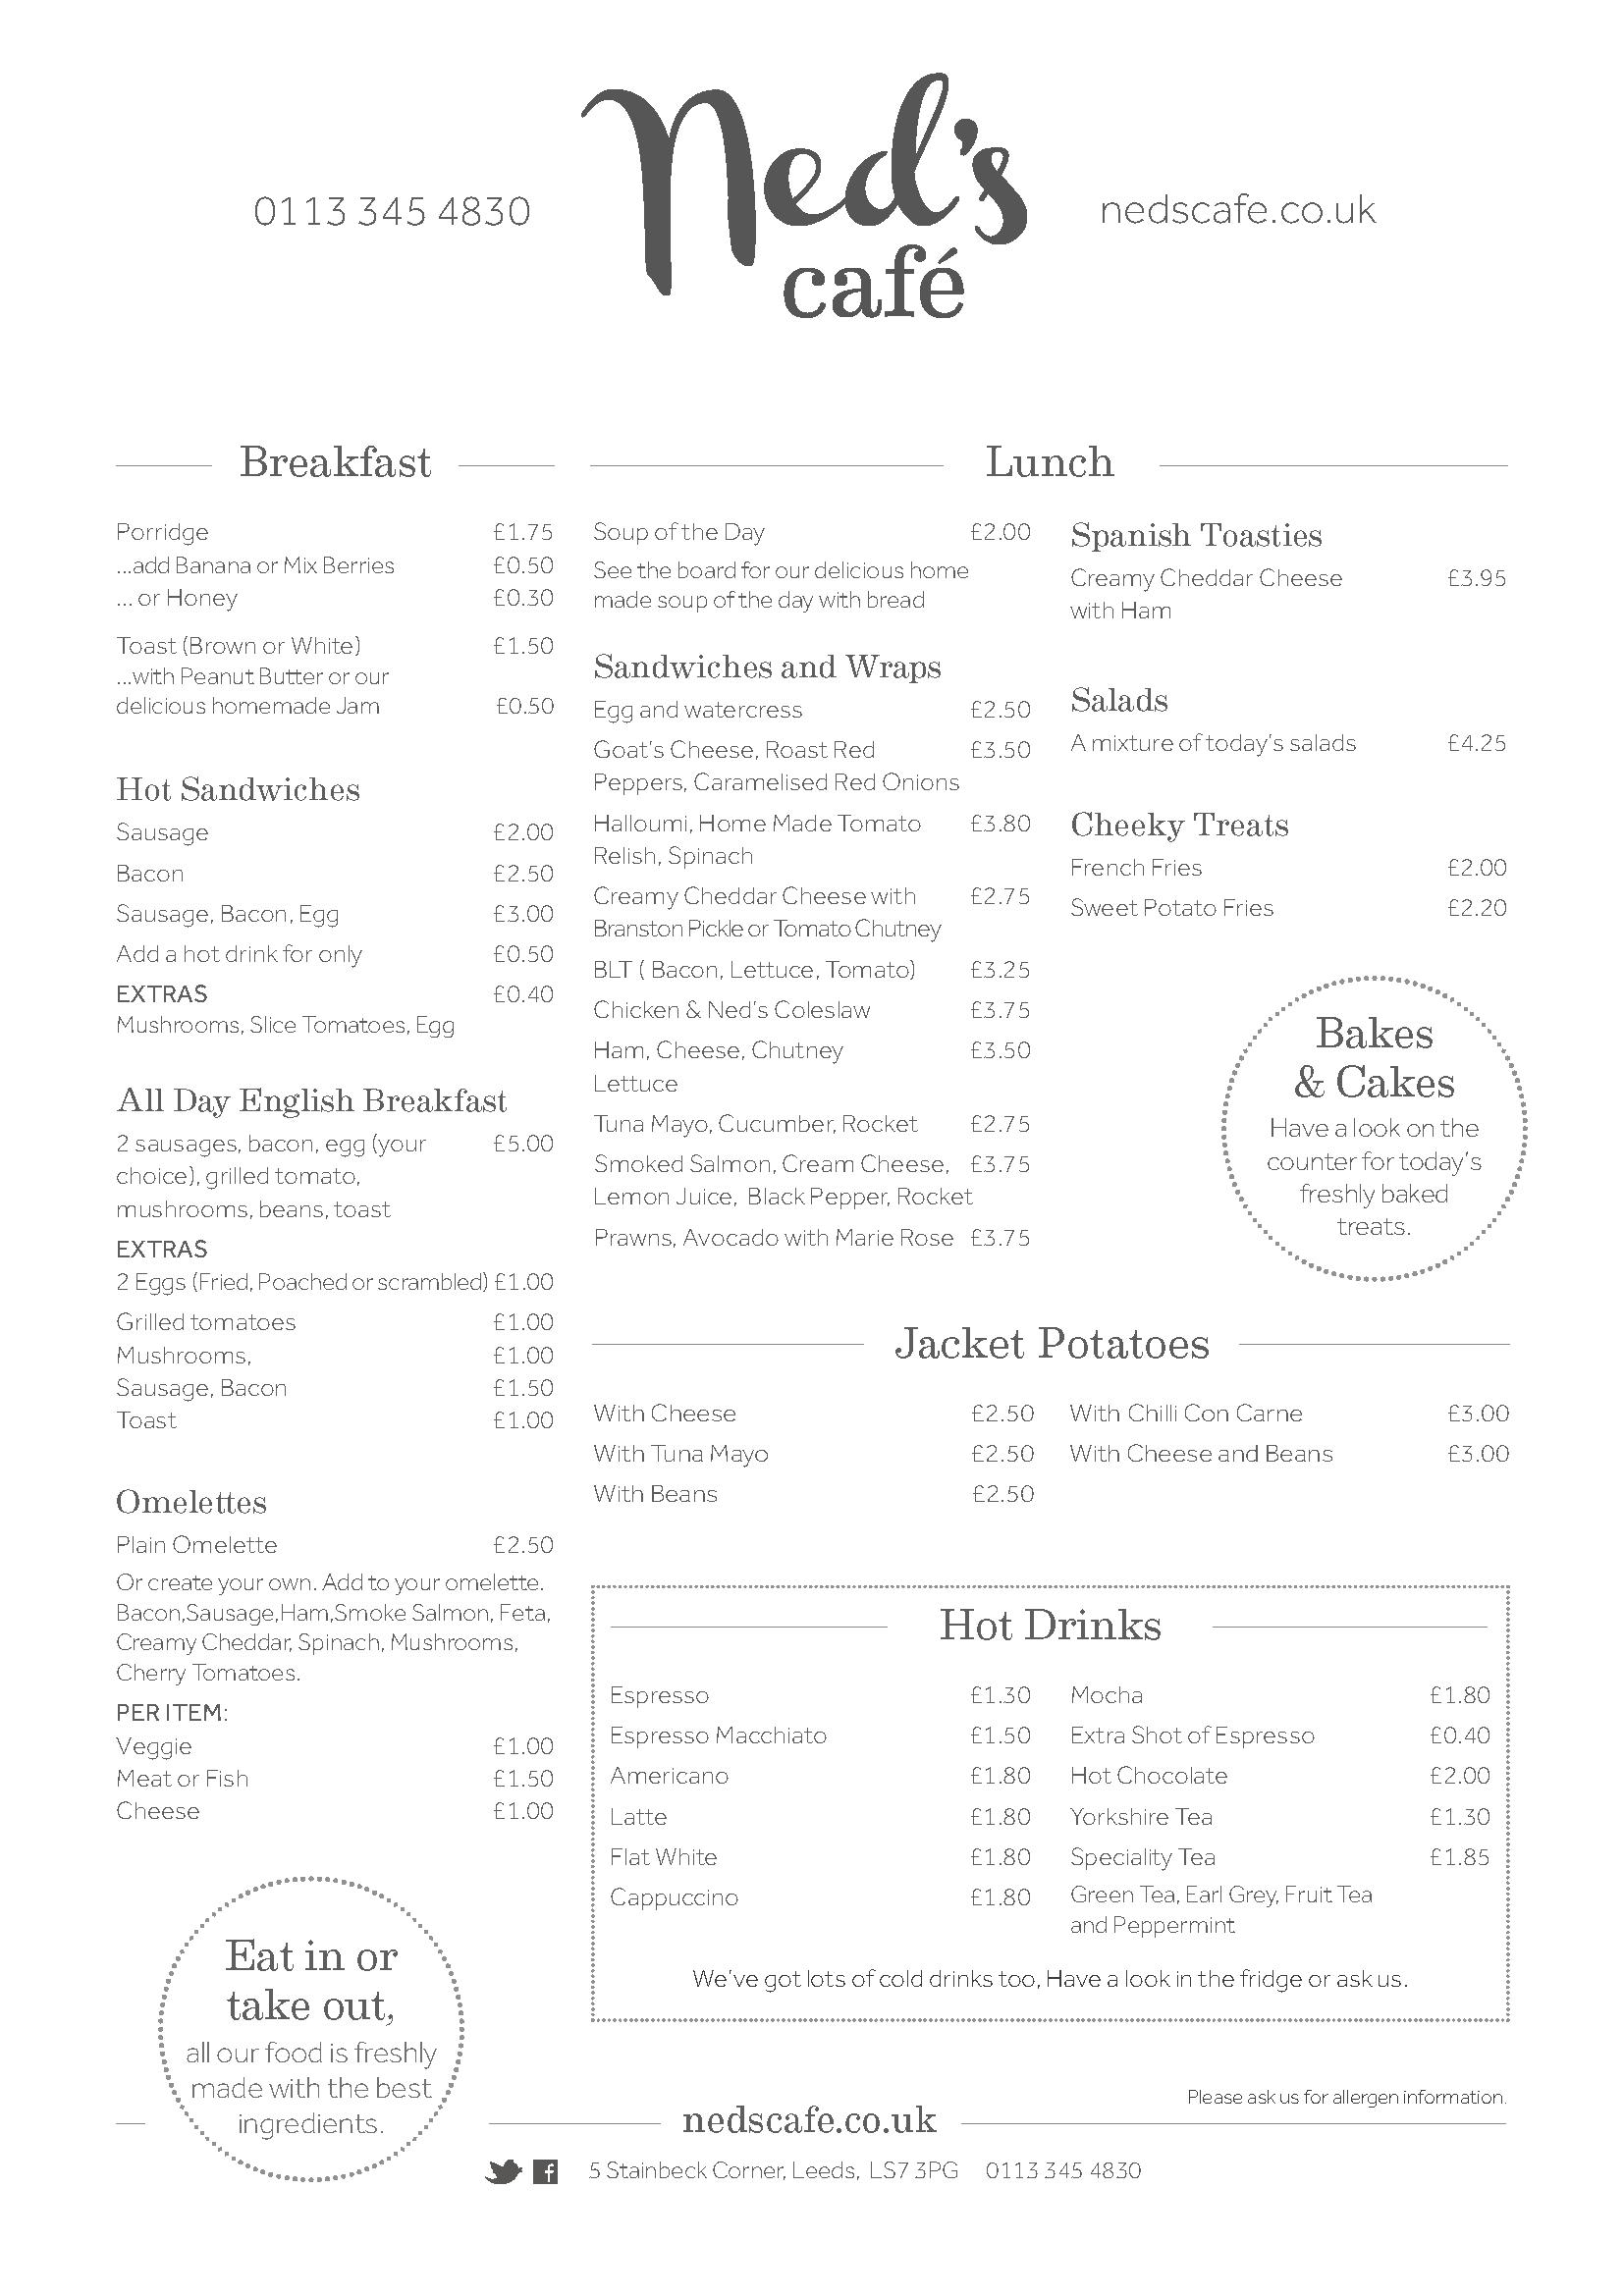 3727_NED'S_A4_menu_V2